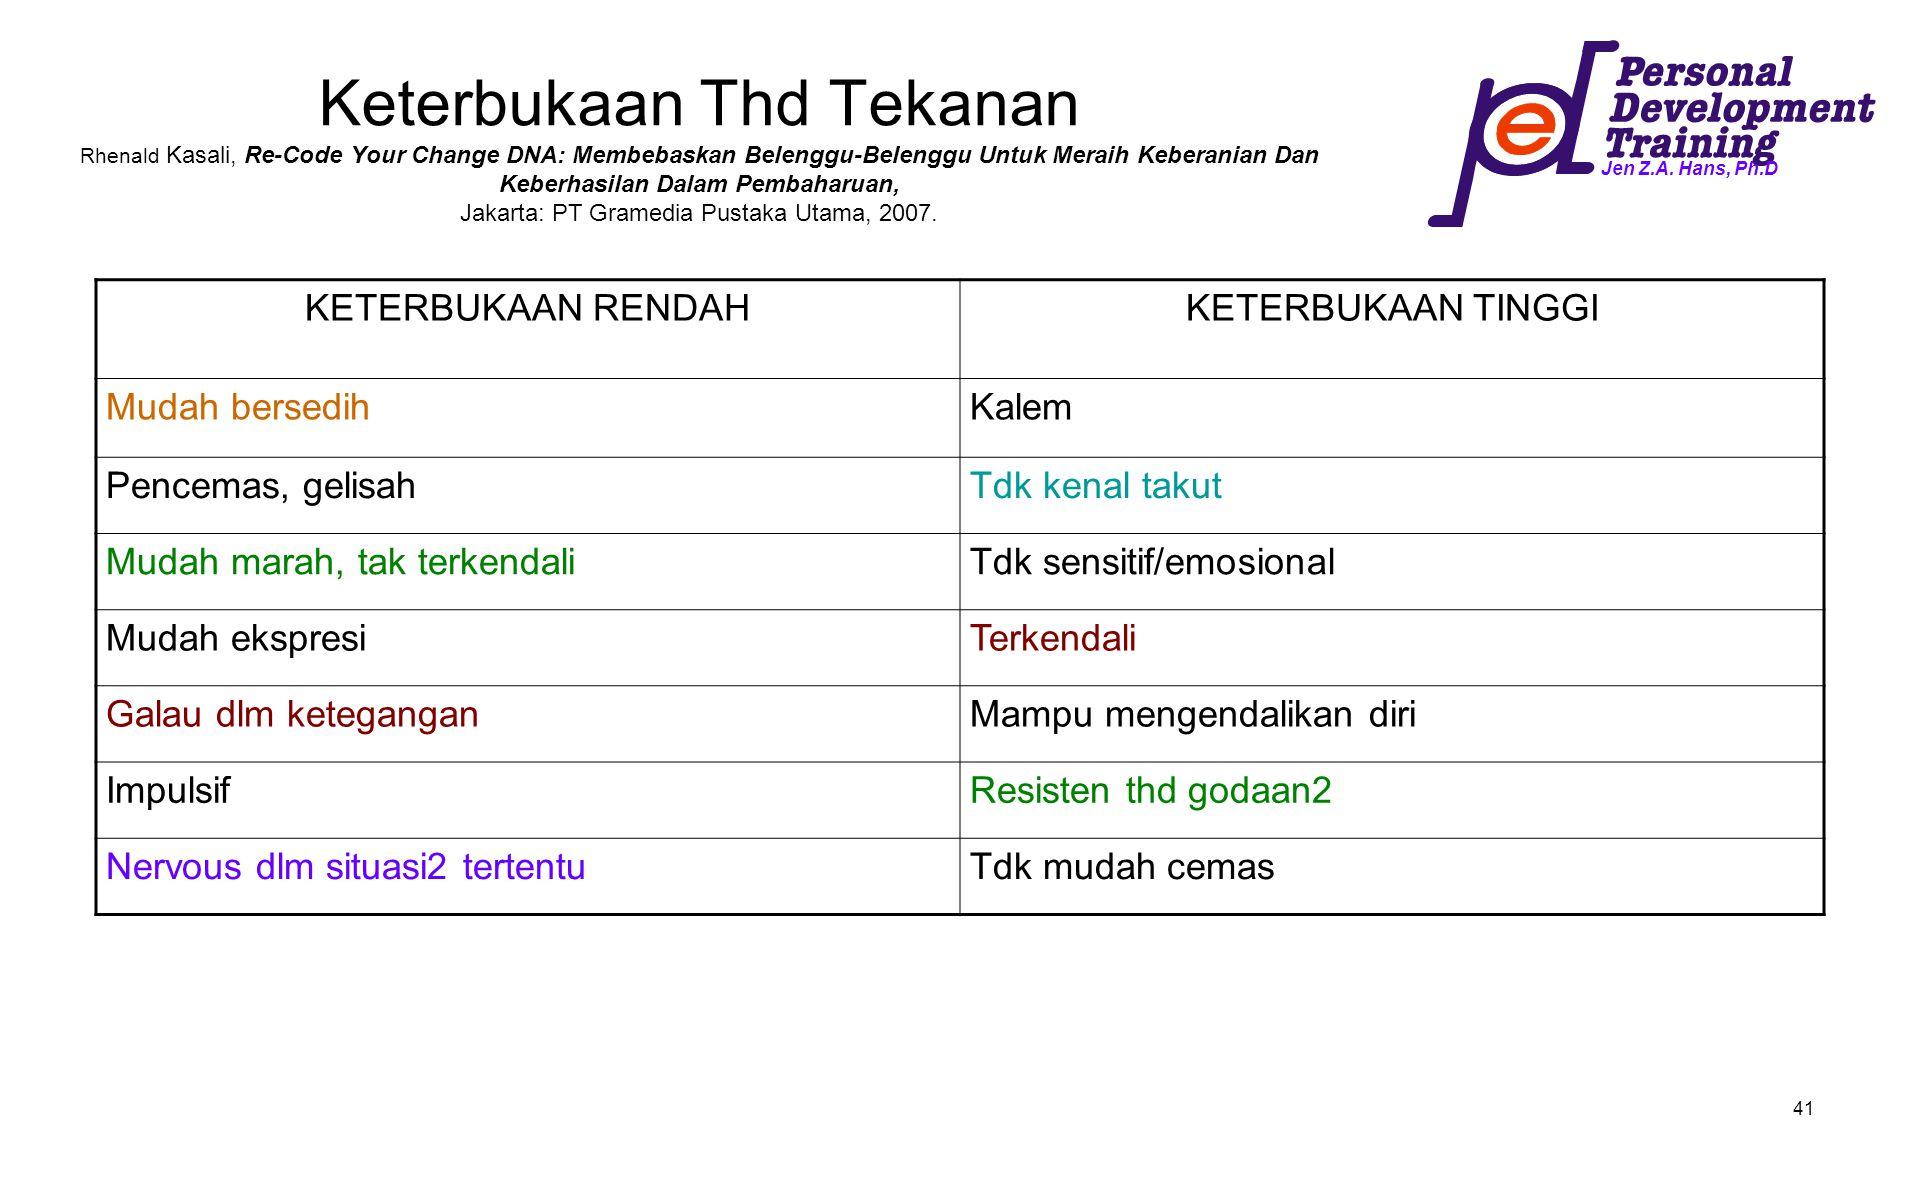 Keterbukaan Thd Tekanan Rhenald Kasali, Re-Code Your Change DNA: Membebaskan Belenggu-Belenggu Untuk Meraih Keberanian Dan Keberhasilan Dalam Pembaharuan, Jakarta: PT Gramedia Pustaka Utama, 2007.